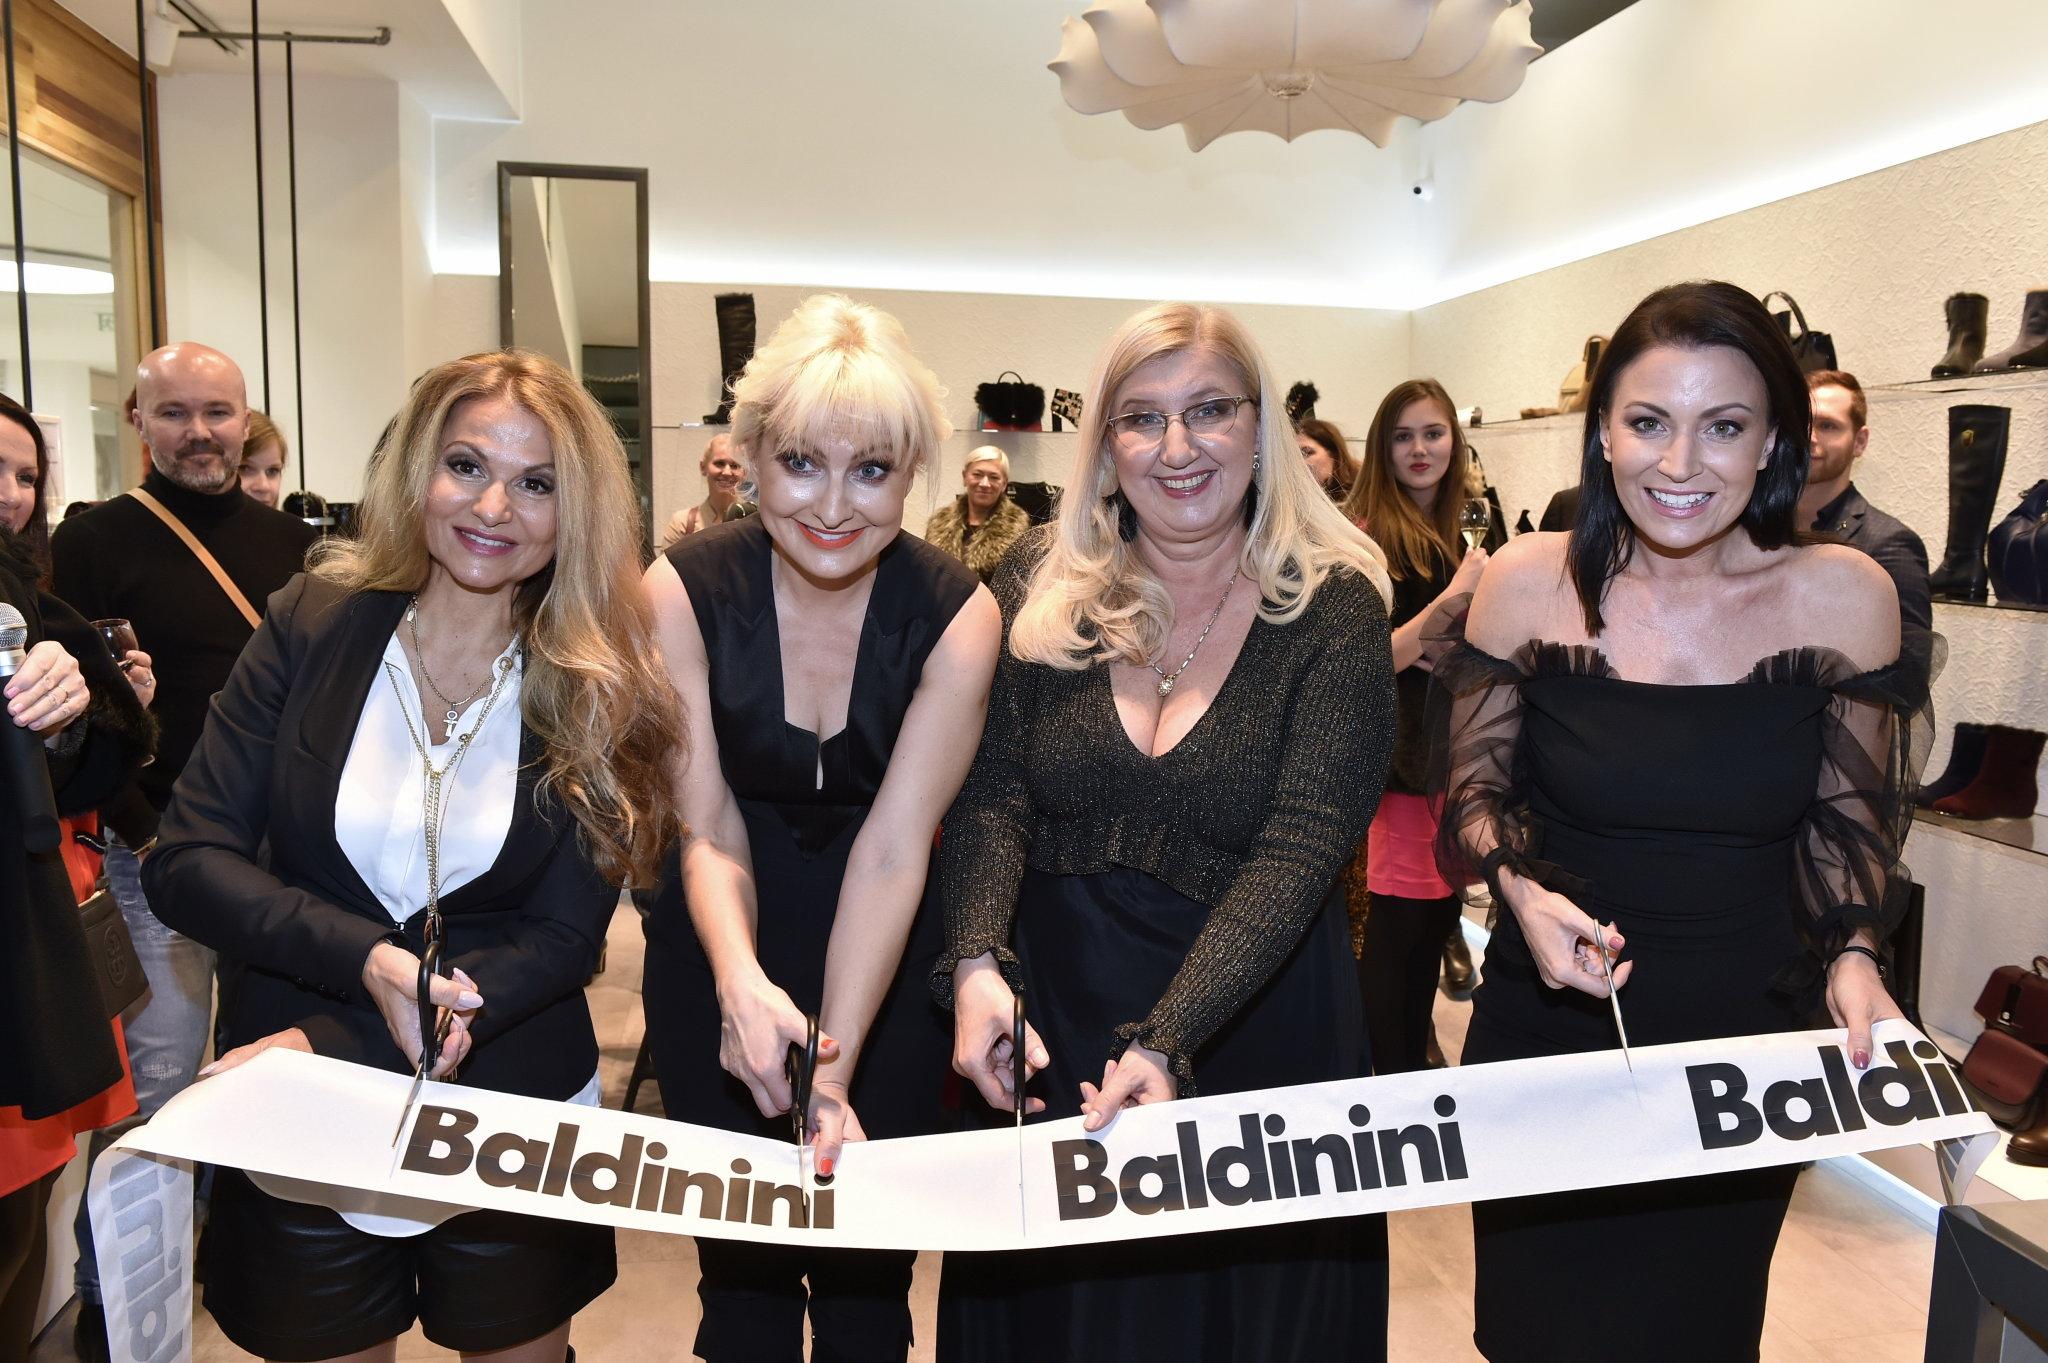 Italská společnost Baldinini otevřela nový obchod v Praze.